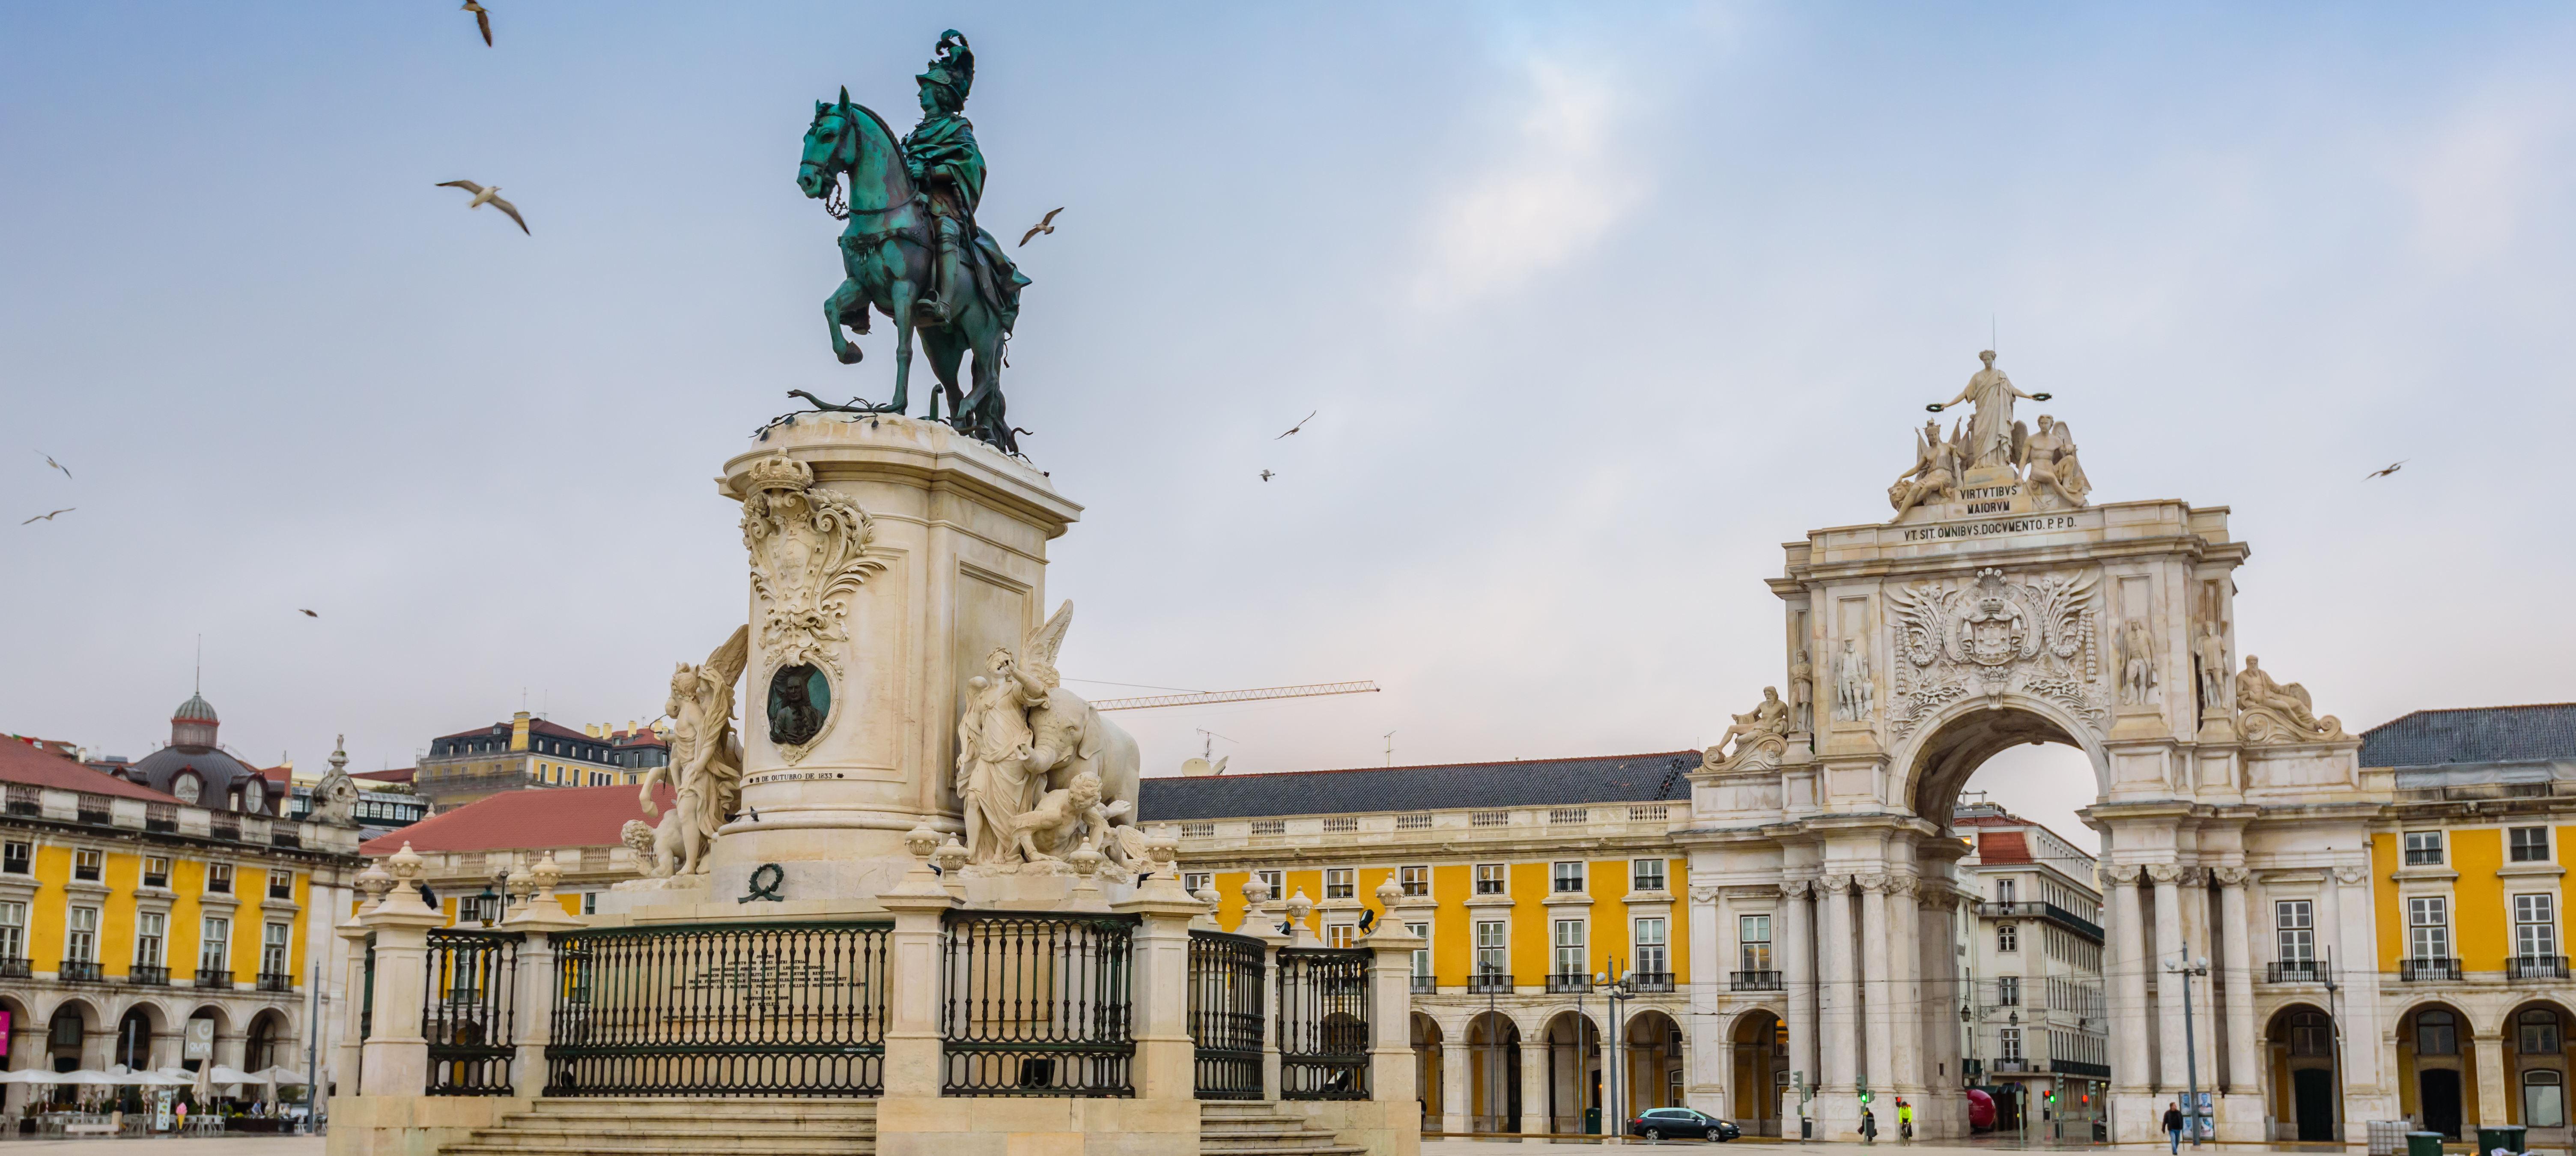 Commerce-Square-Lisbon